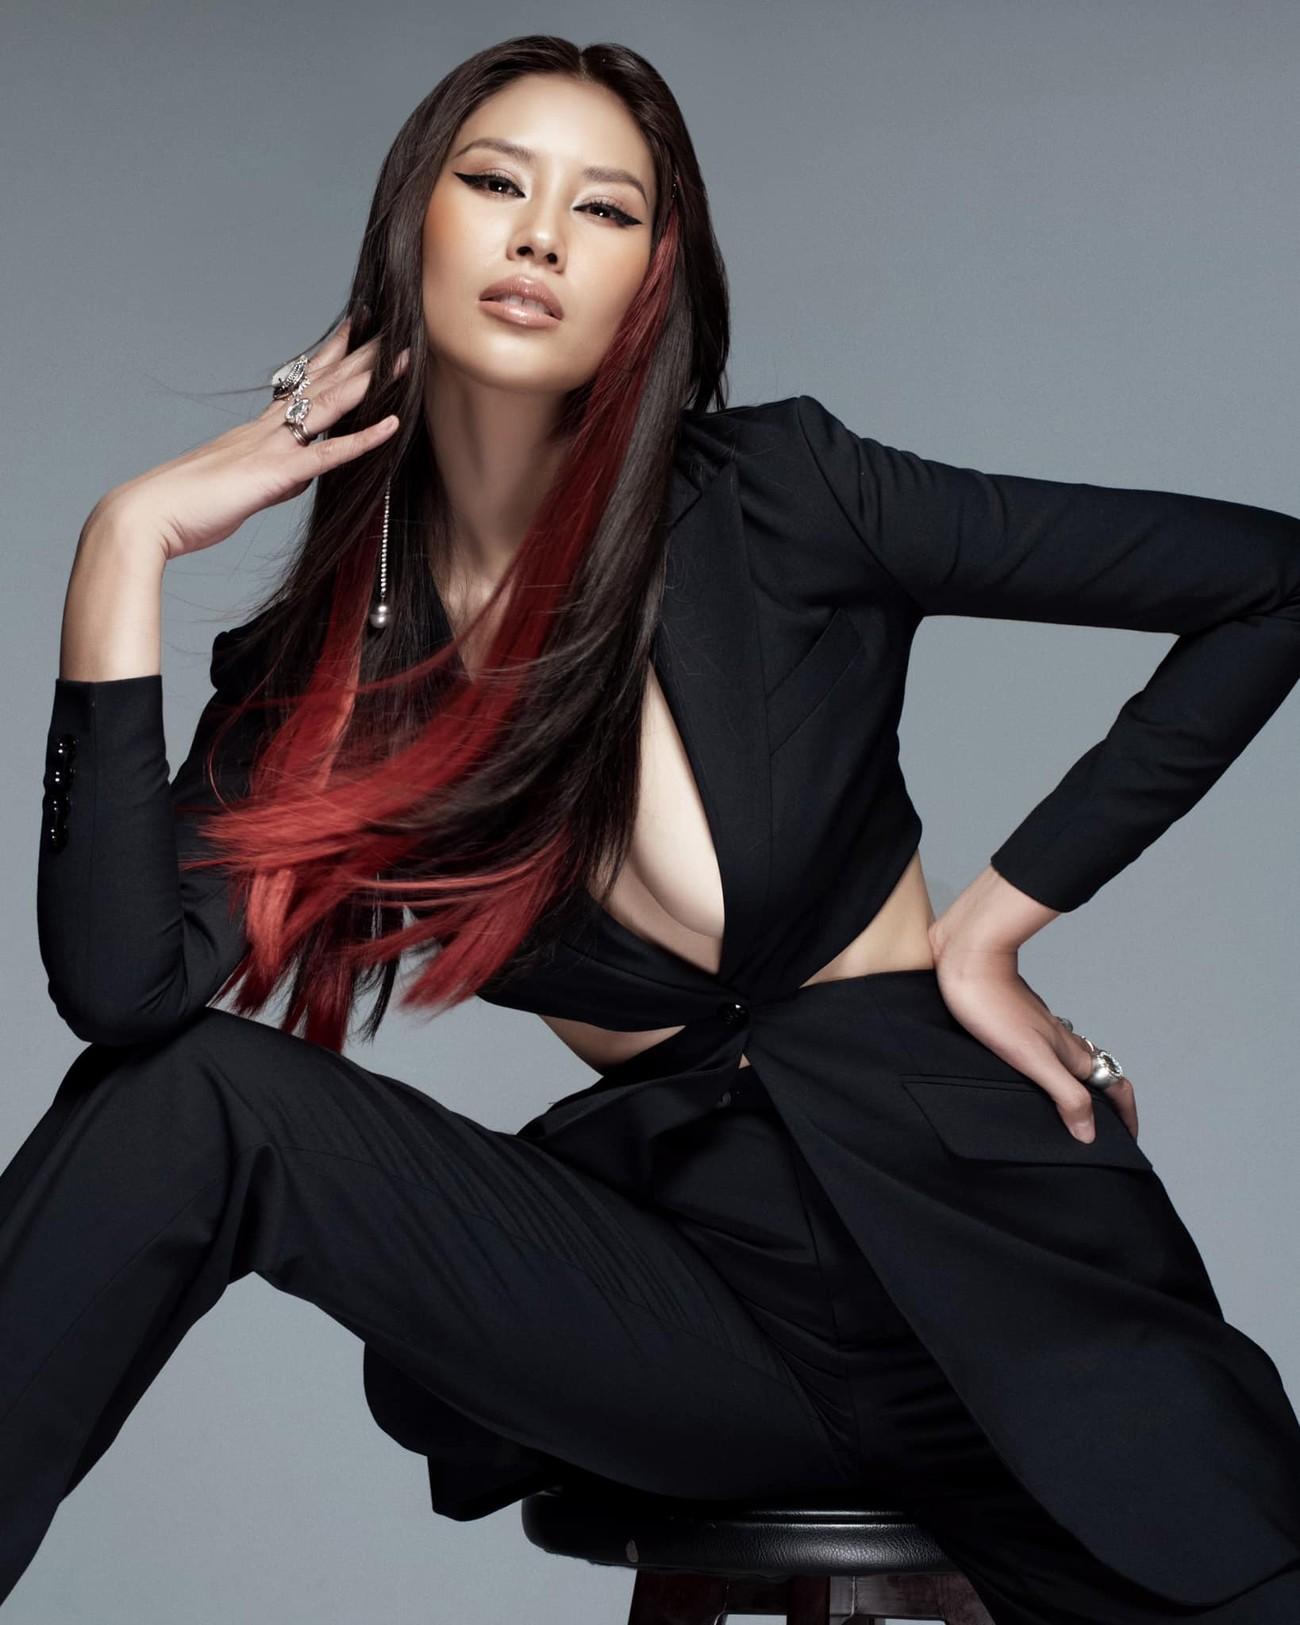 Đỗ Thị Hà đẹp lộng lẫy trong buổi chụp hình mới, Tiểu Vy khoe lưng trần sexy trước biển ảnh 13